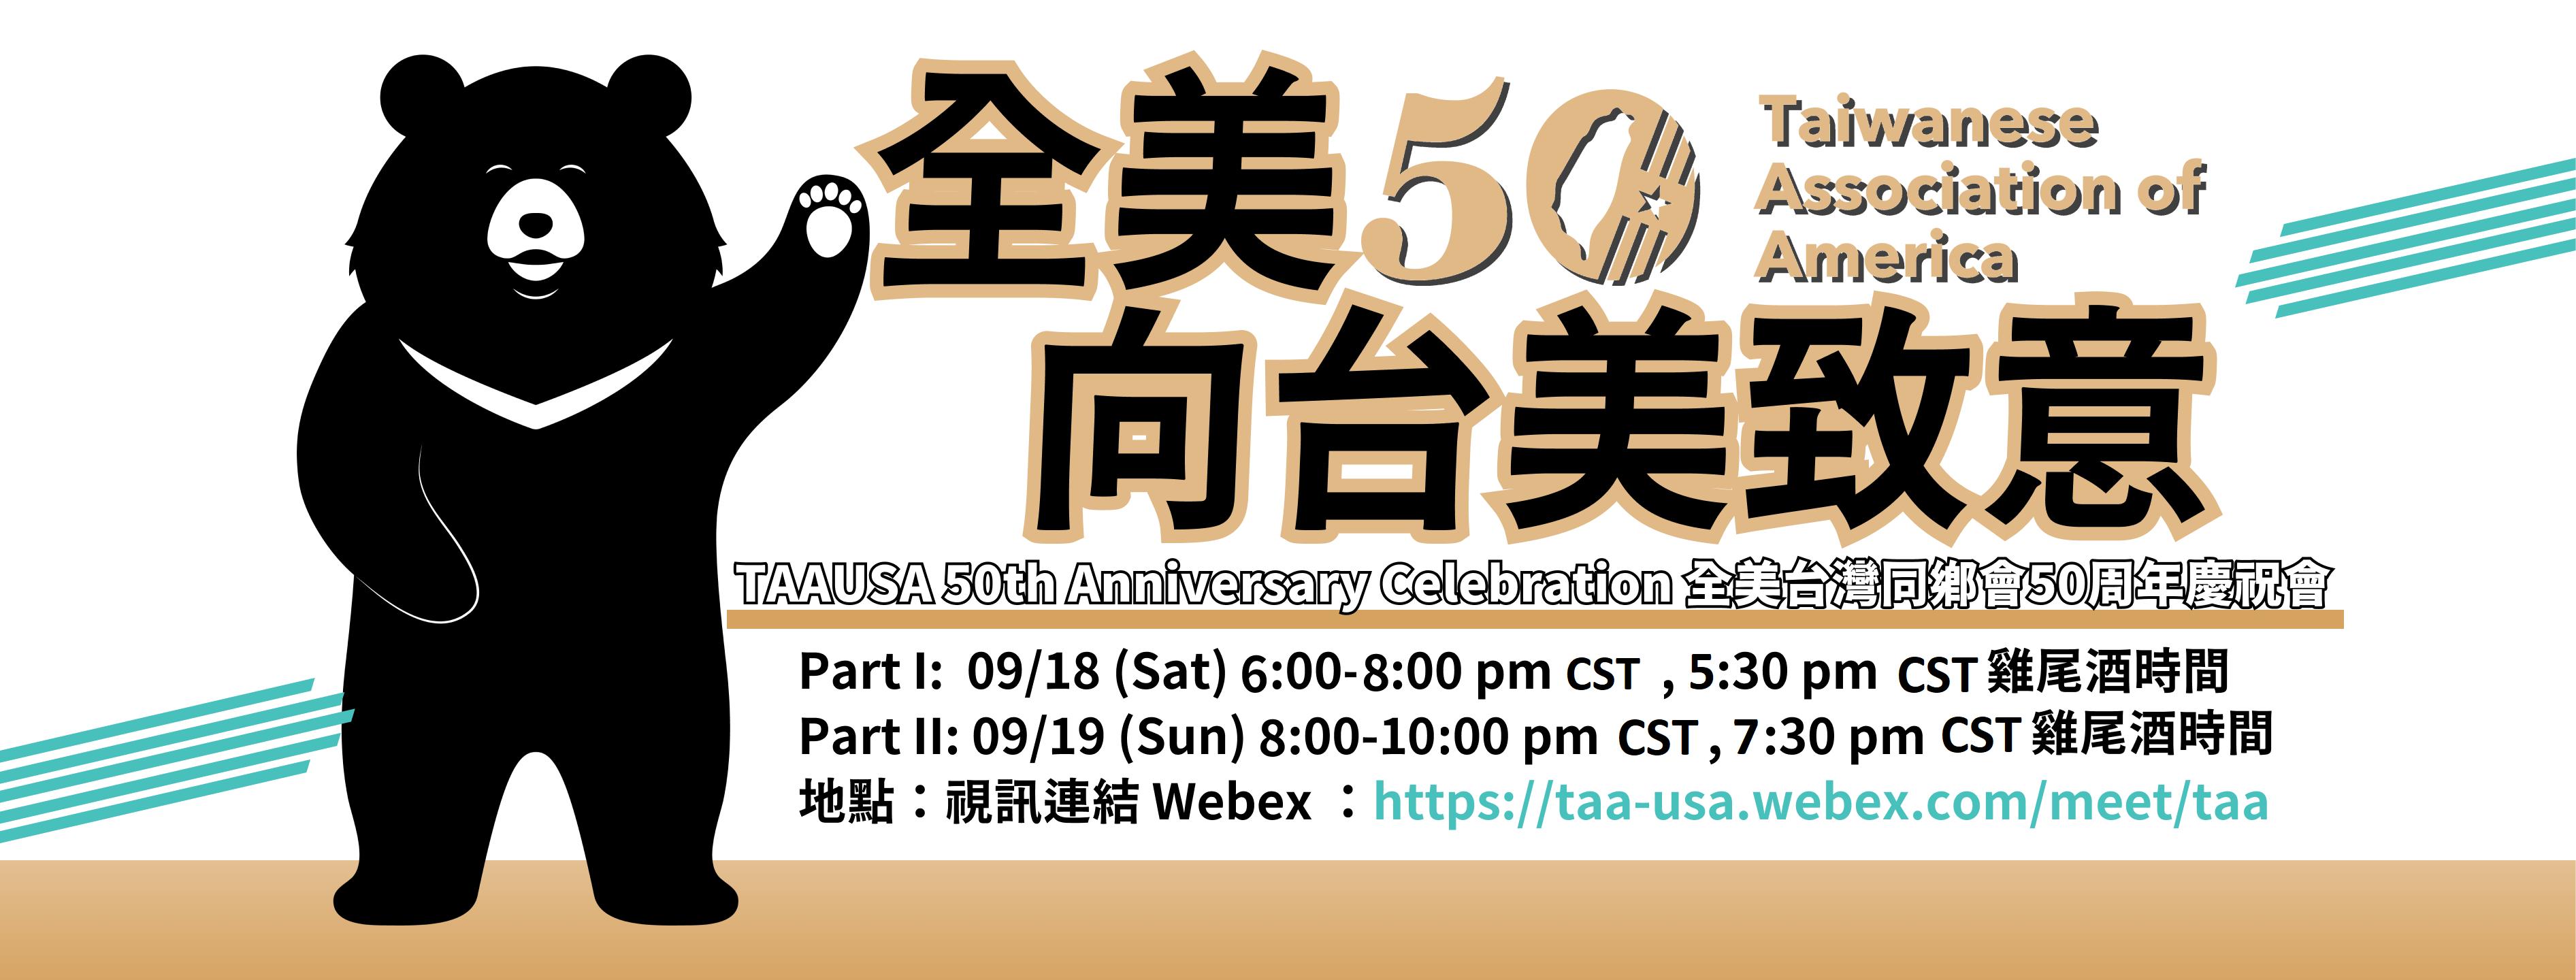 🇺🇸 跟著 #全美台灣同鄉會 遊美國 🇺🇸「全美50,向台美致意!」慶祝大會!! 邀請您共襄盛舉!